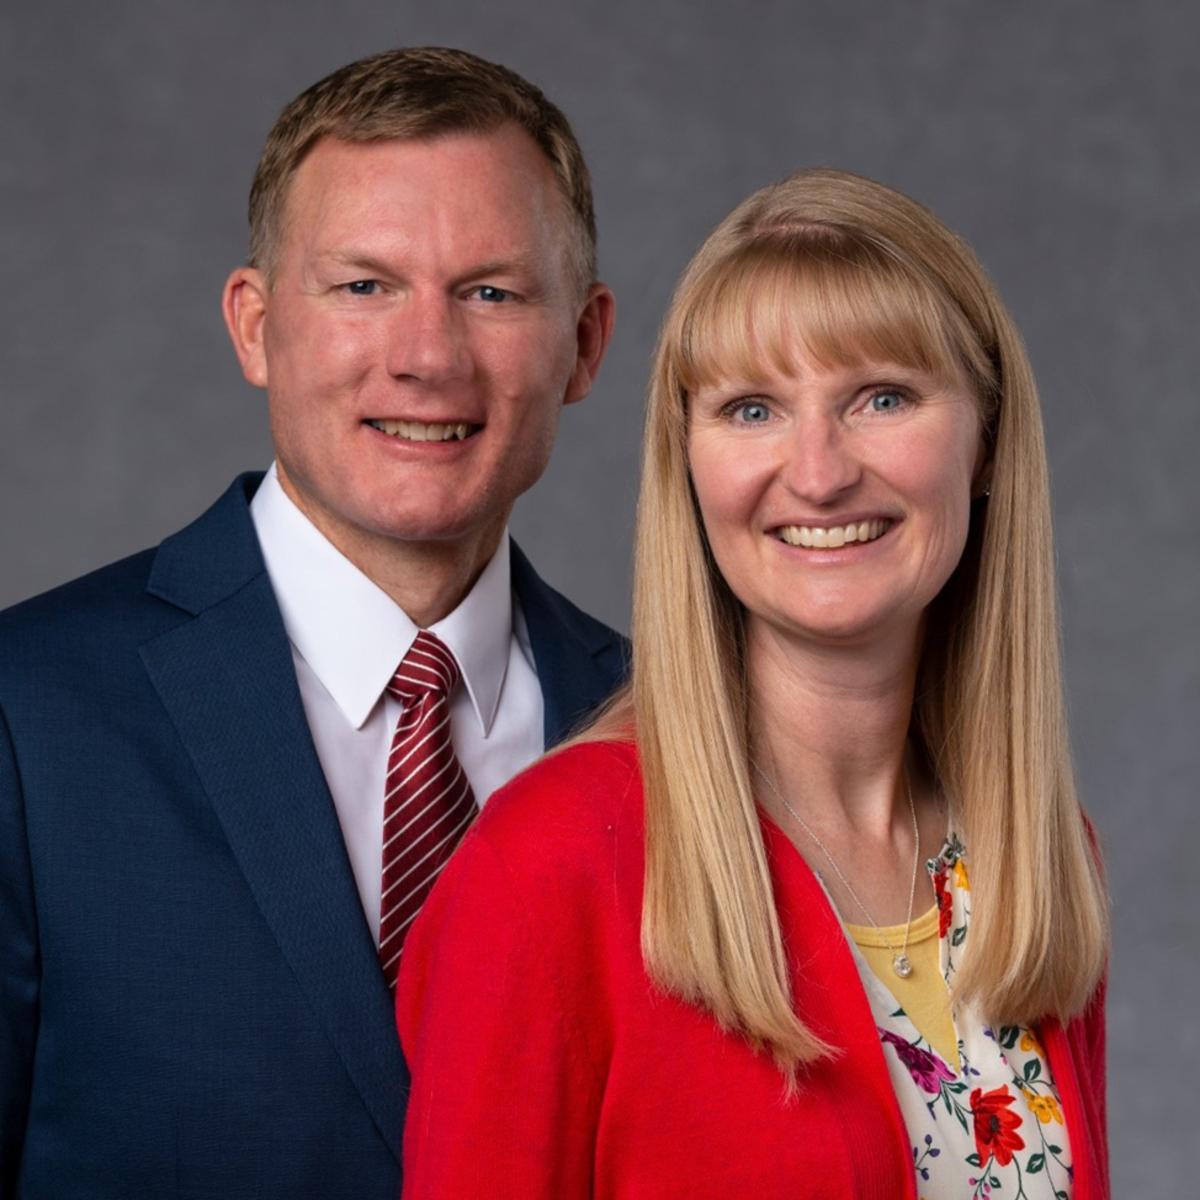 El Presidente Glazier y su esposa de la Misión Perú Limatambo